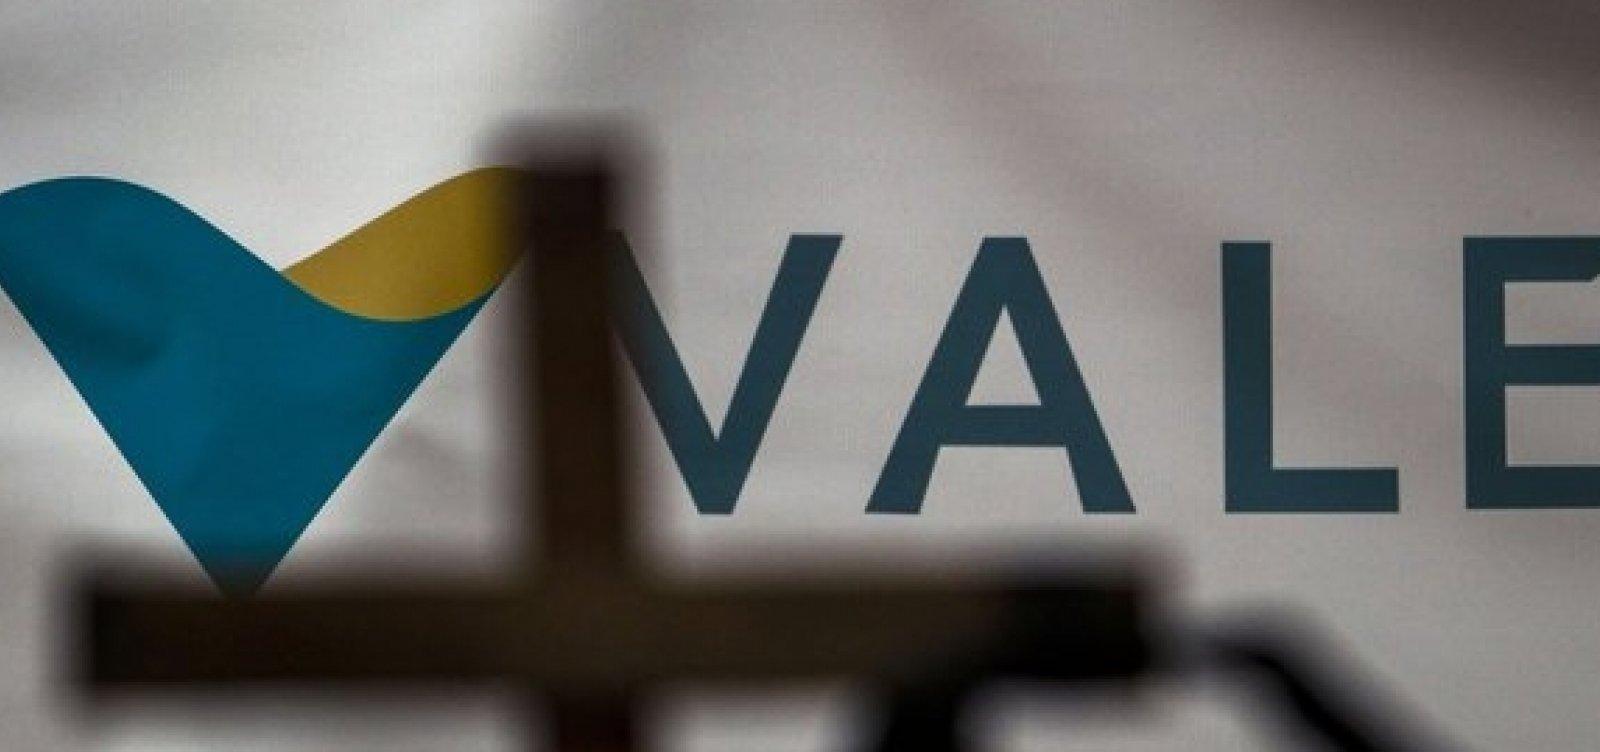 Após rompimentos, Vale vai investir R$ 11 bi em processamento a seco de minério